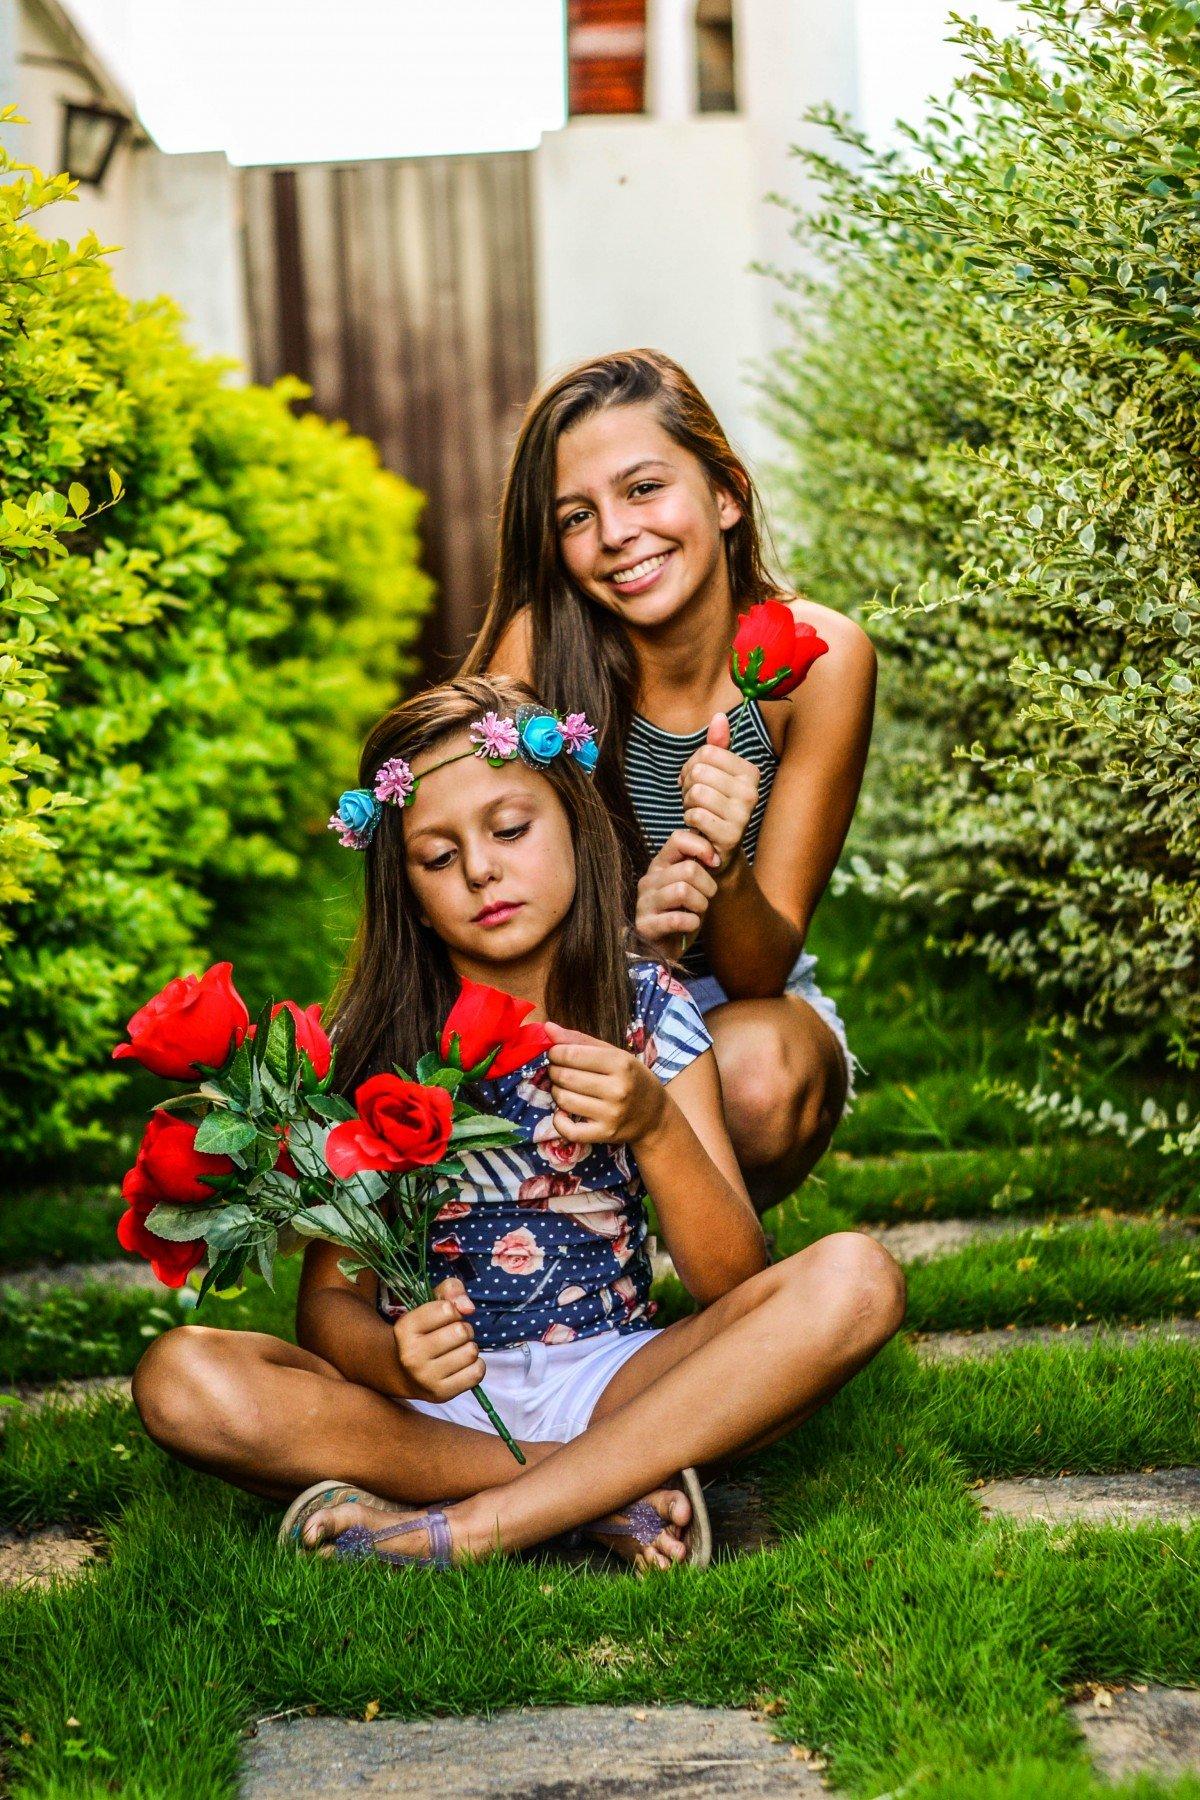 Дочка моя картинка